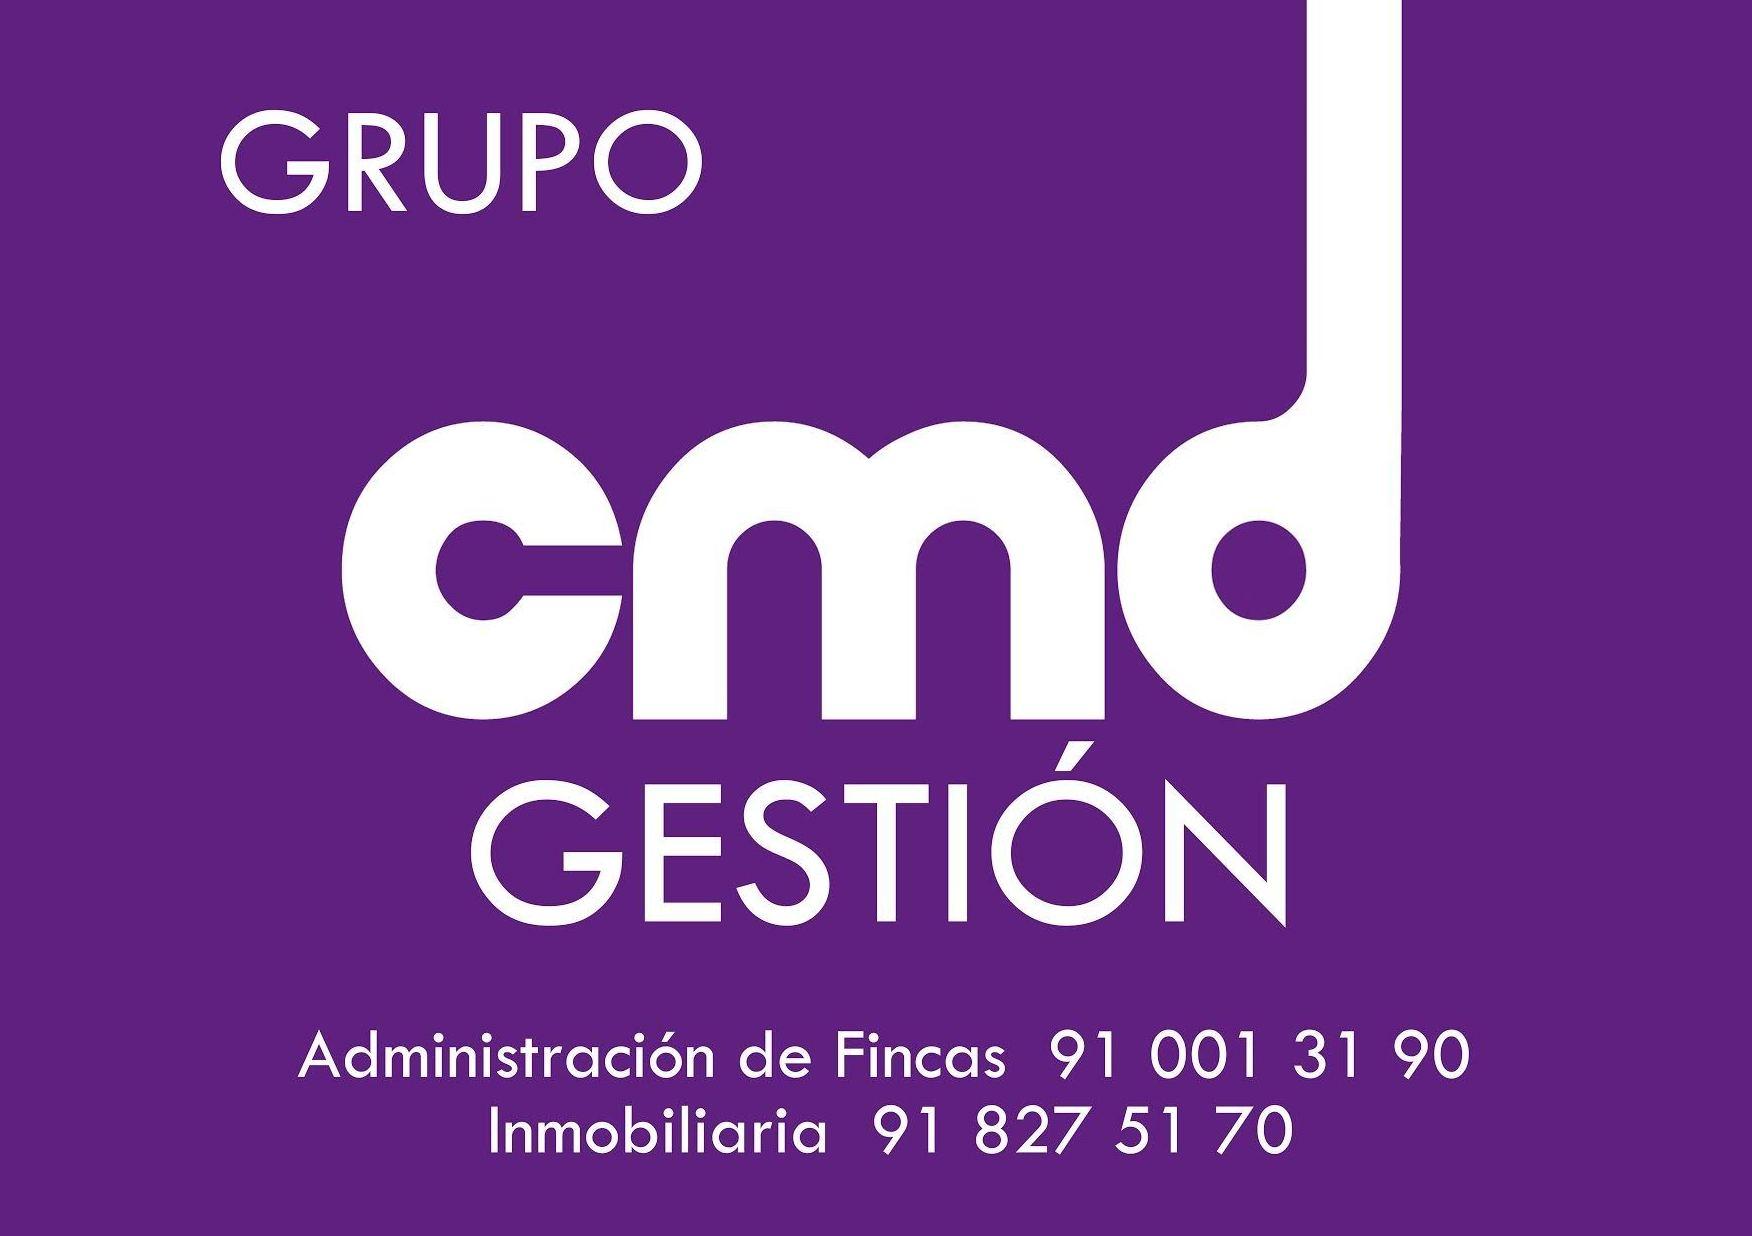 CMD Gestión de Fincas Madrid